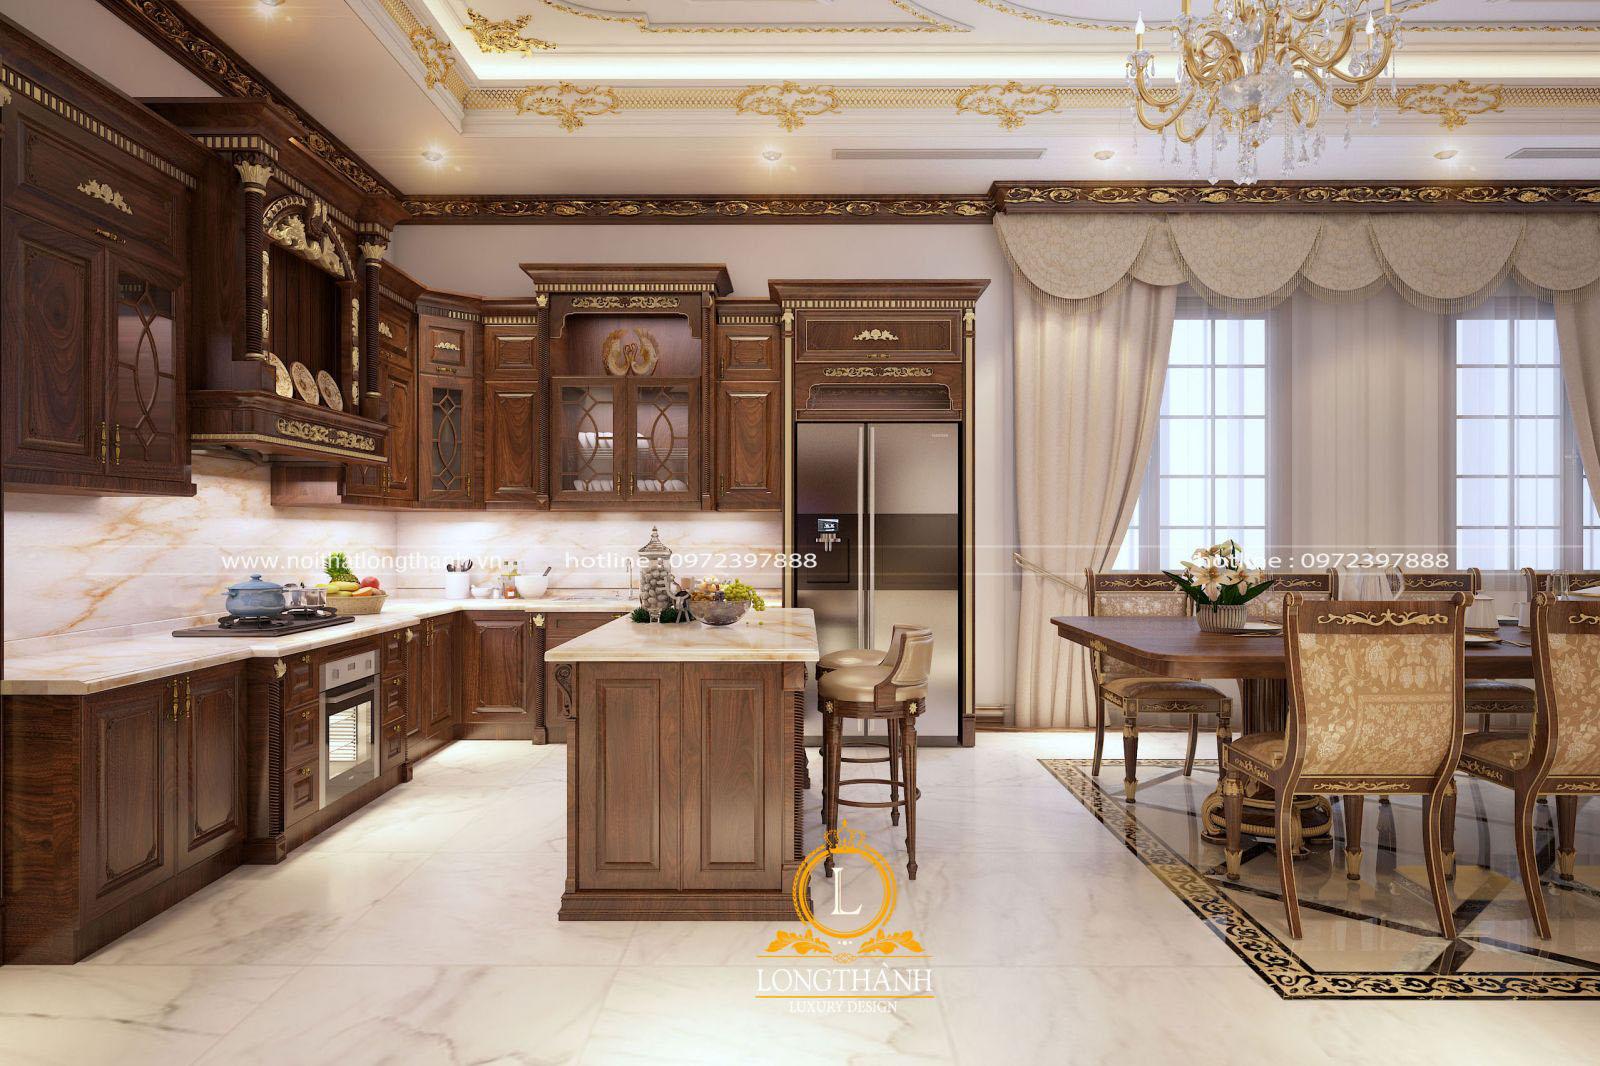 Mẫu tủ bếp gỗ Óc chó sơn nâu mạ vàng khẳng định nên đẳng cấp của không gian